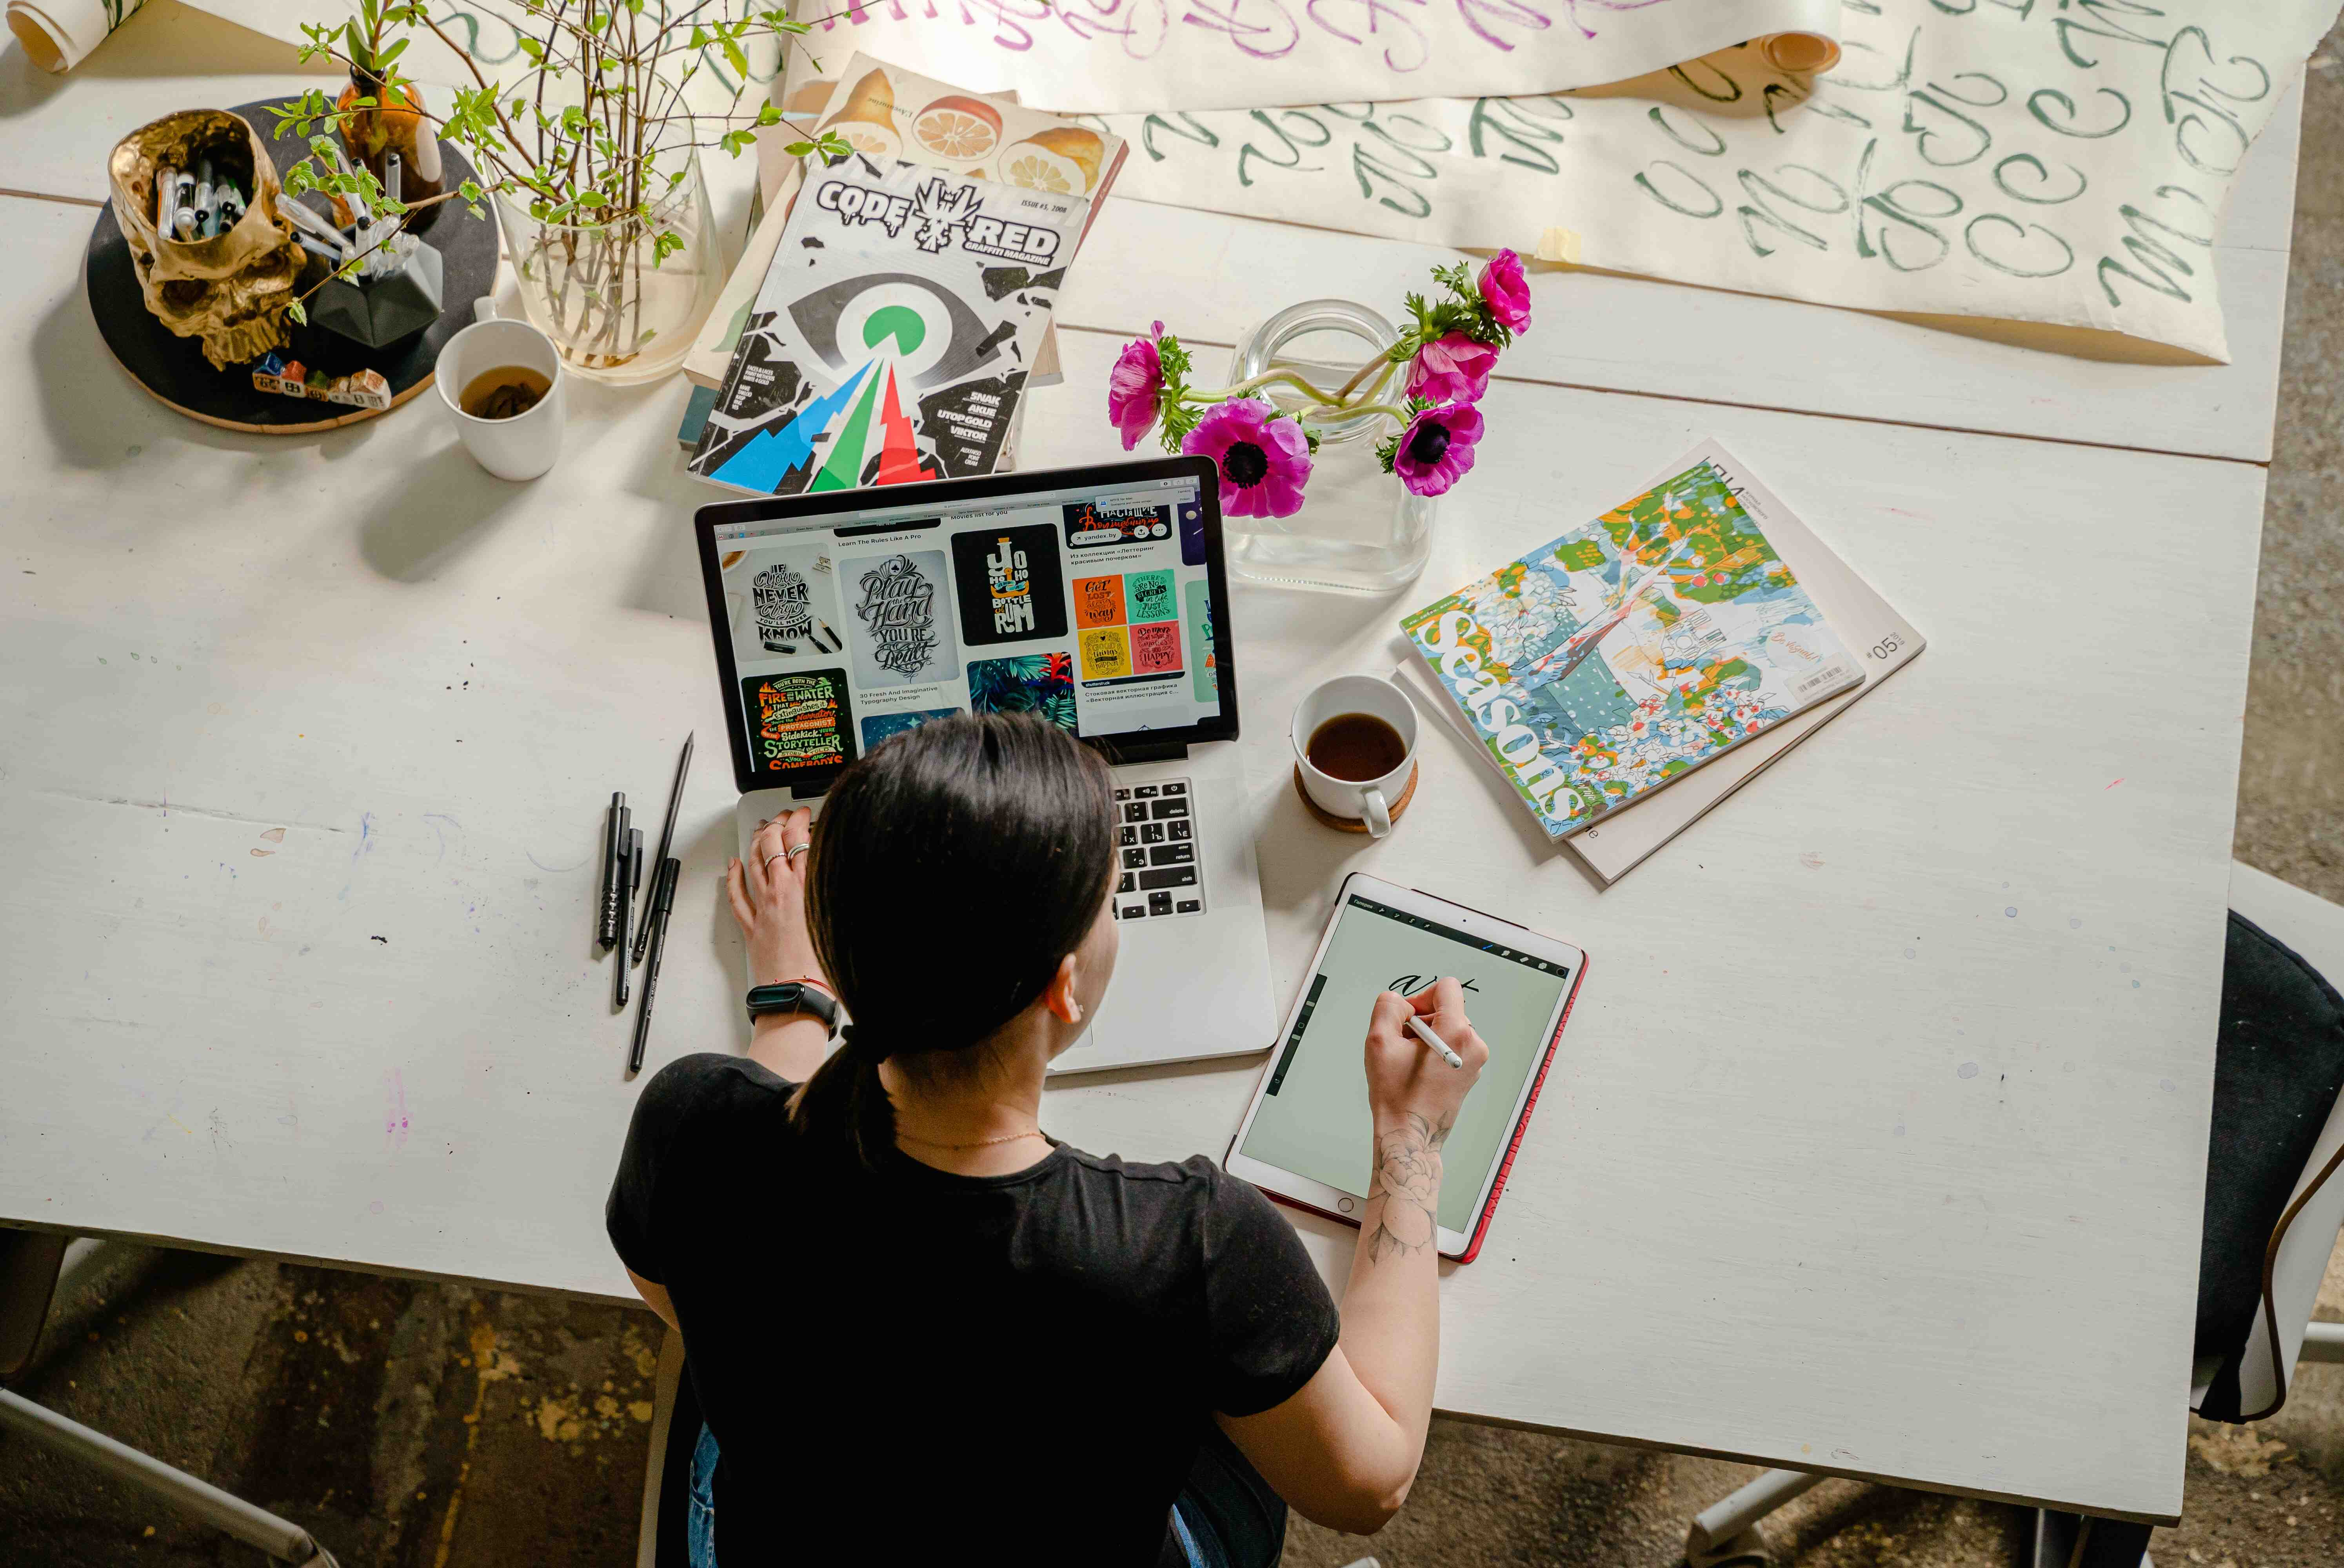 Öğrenci Kariyeri: Tasarımcılara İlham Olacak 4 Sayfa Önerisi